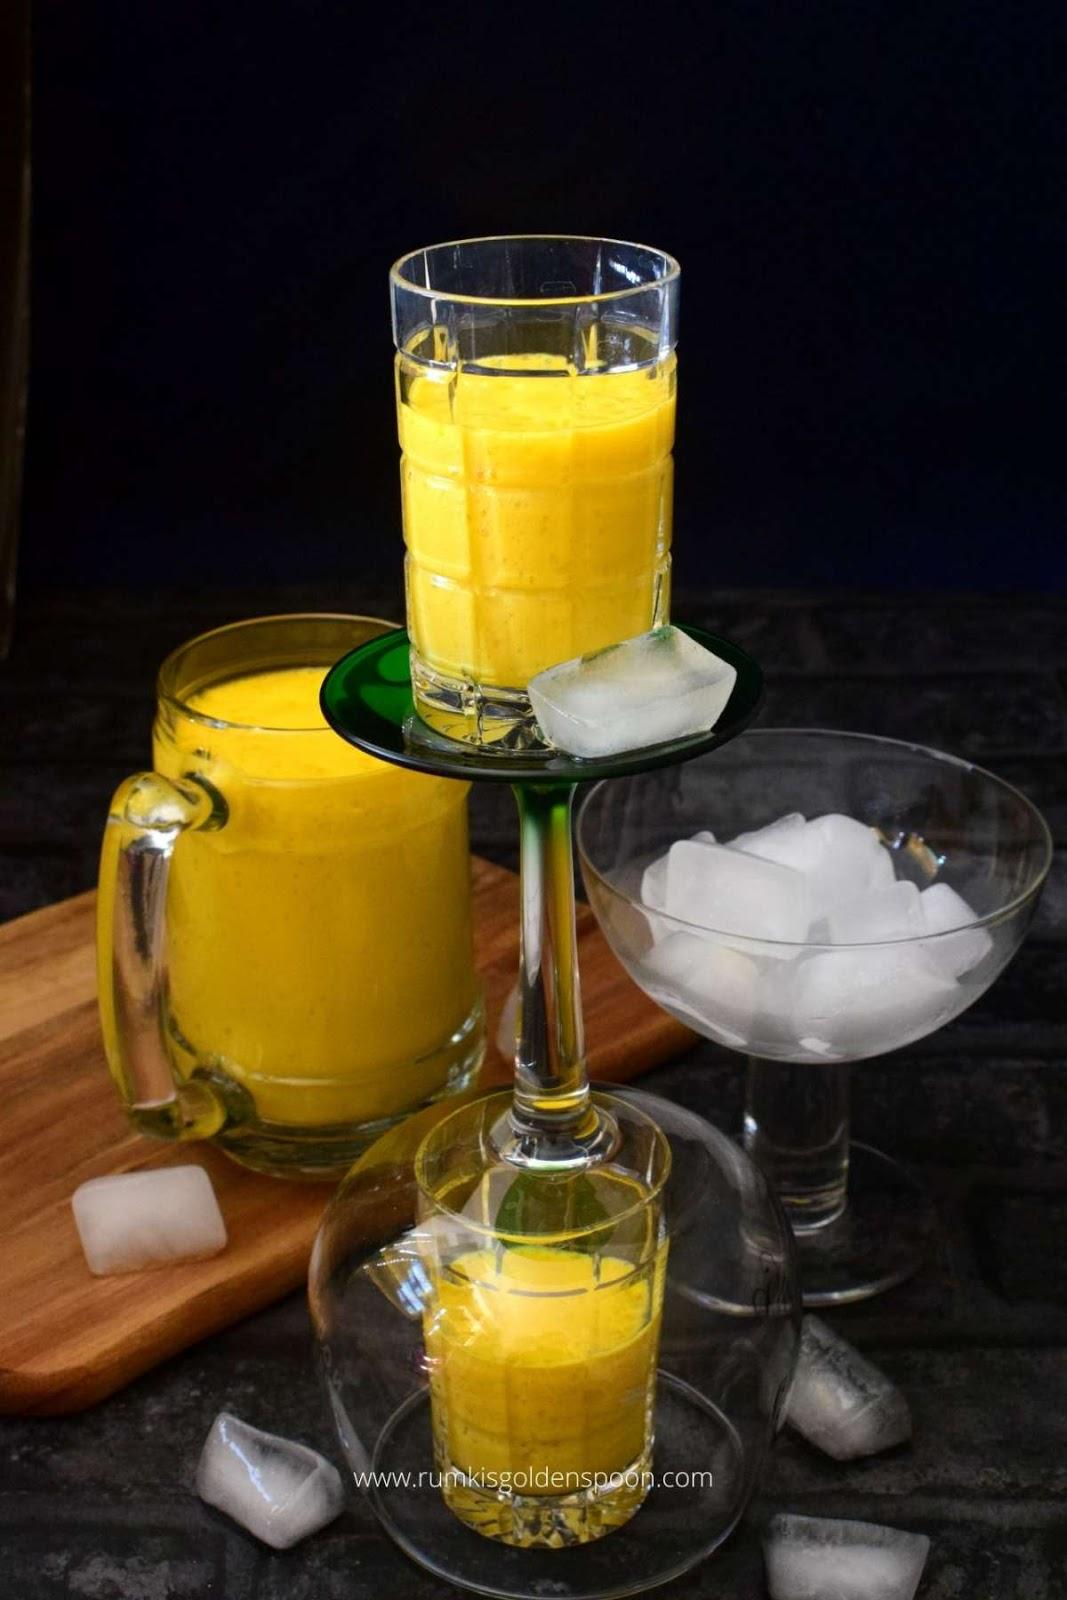 mango shake, mango milk shake, mango milkshake, recipe for mango shake, mango shake recipe, mango smoothie, how to make mango shake, how to make a mango shake, mango smoothie recipe, mango shake benefits, mango milkshake recipe, recipe for mango milkshake, how to make mango milk shake, how to make mango milk shake, mango shake kaise banaye, how make mango smoothie, mango shake kaise banaen, mango shake kaise banate hain, mango shake ingredients, how to prepare mango shake, how to make mango shake at home, mango drink, mango drink recipes, summer drinks, summer drinks recipes, summer drinks in India, beverage recipe, smoothie recipes, milkshake recipe, Rumki's Golden Spoon